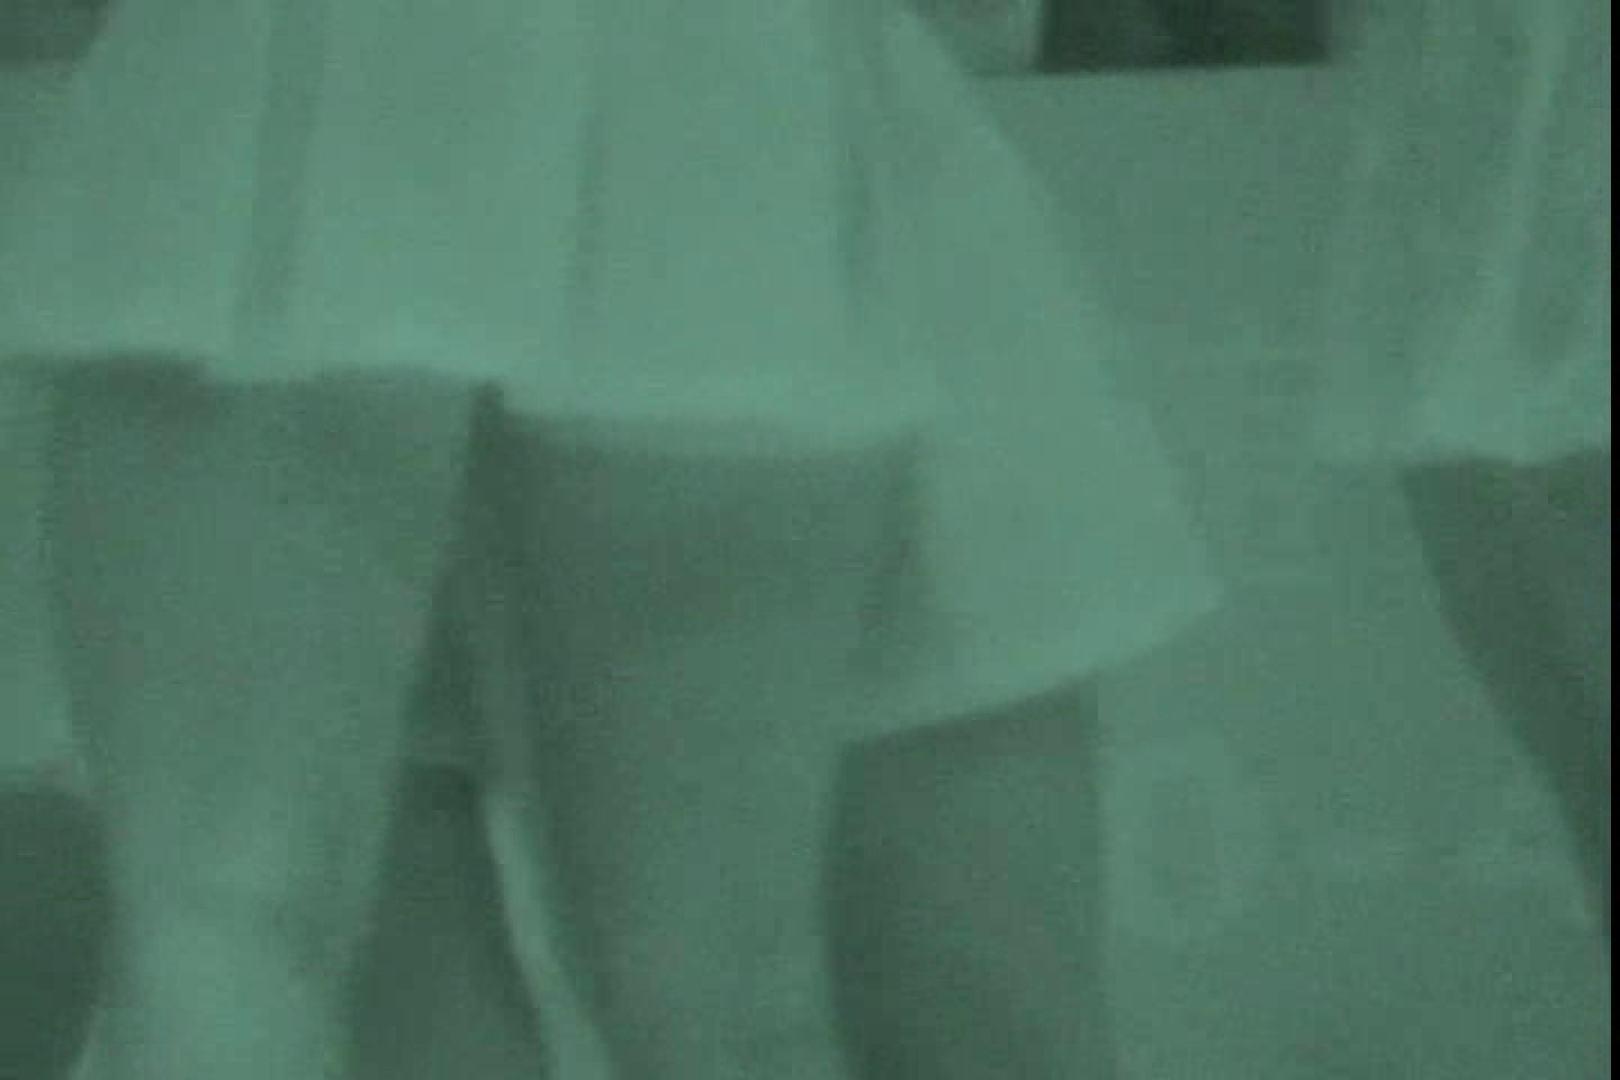 赤外線ムレスケバレー(汗) vol.02 赤外線 セックス無修正動画無料 93pic 83